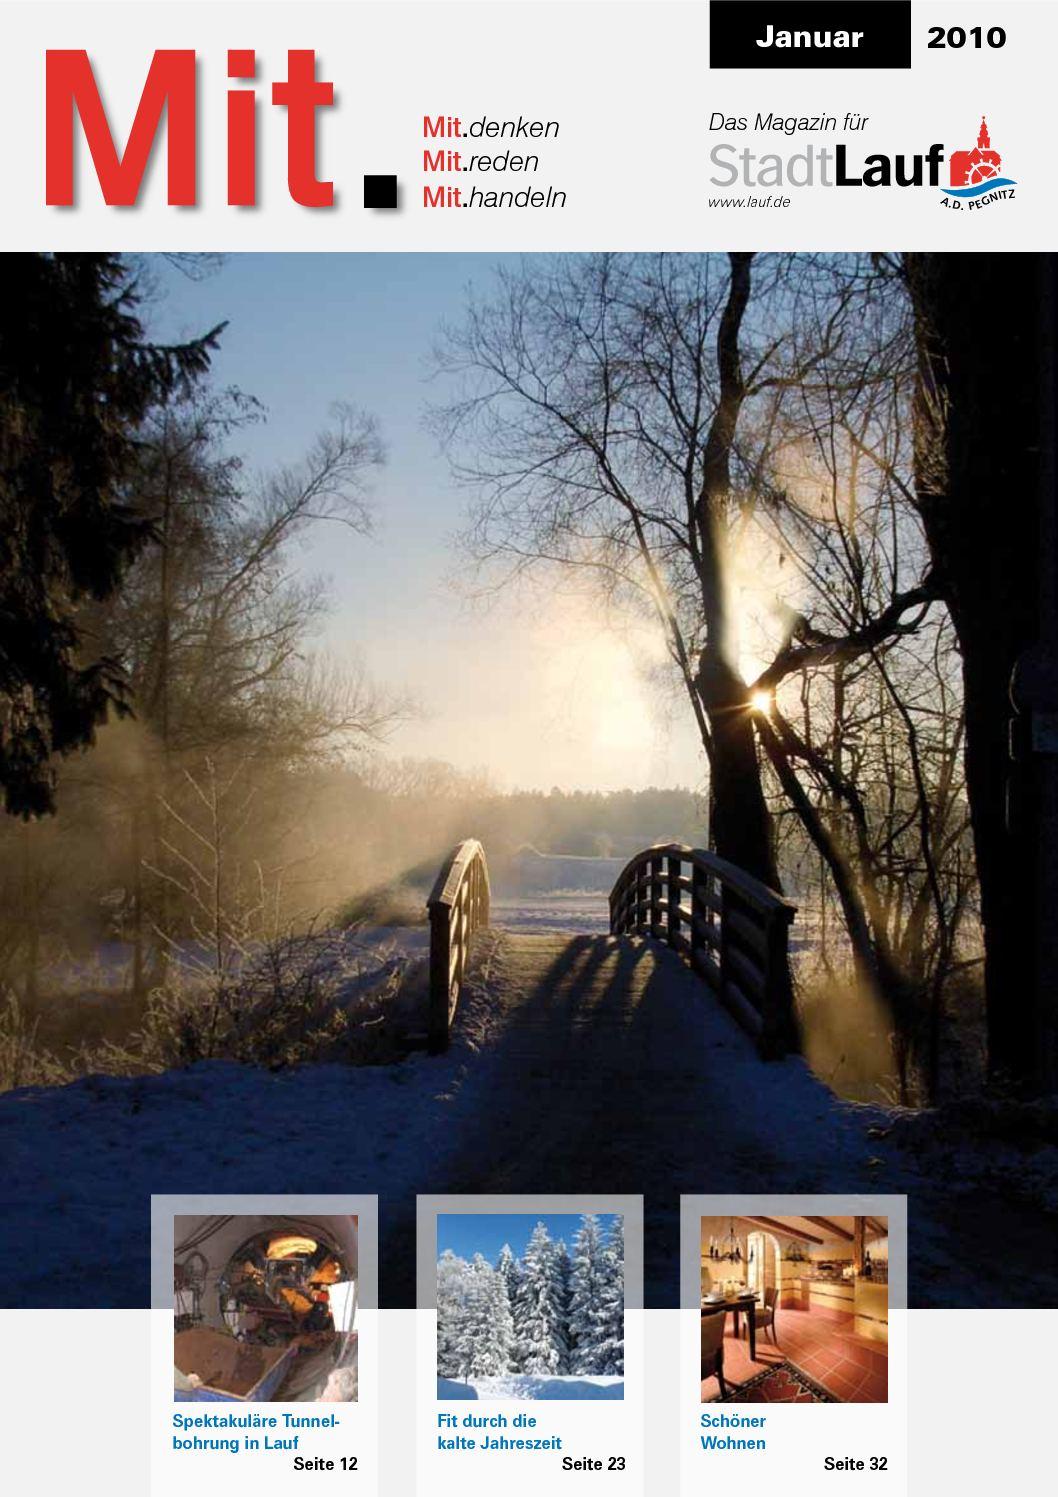 nuetzliche tipps fuer ihre anstehende kuechenrenovierung, calaméo - 01 10 lauf januar, Innenarchitektur